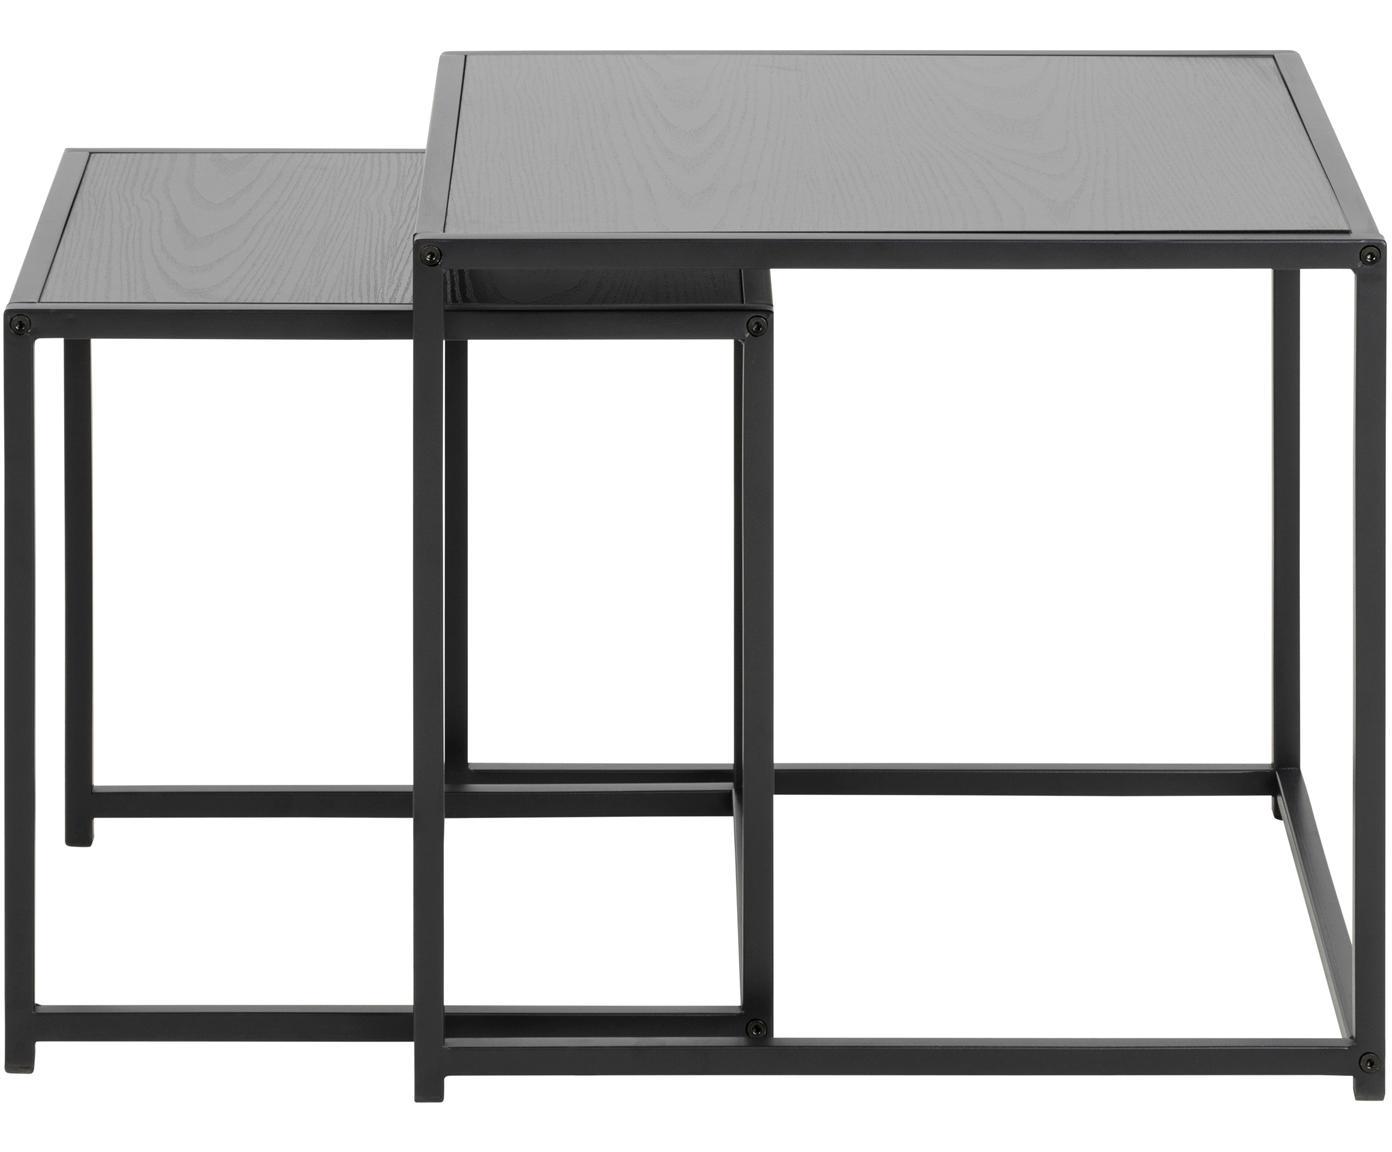 Komplet stolików pomocniczych  Seaford, 2 elem., Płyta pilśniowa średniej gęstości (MDF), metal, Czarny, Różne rozmiary